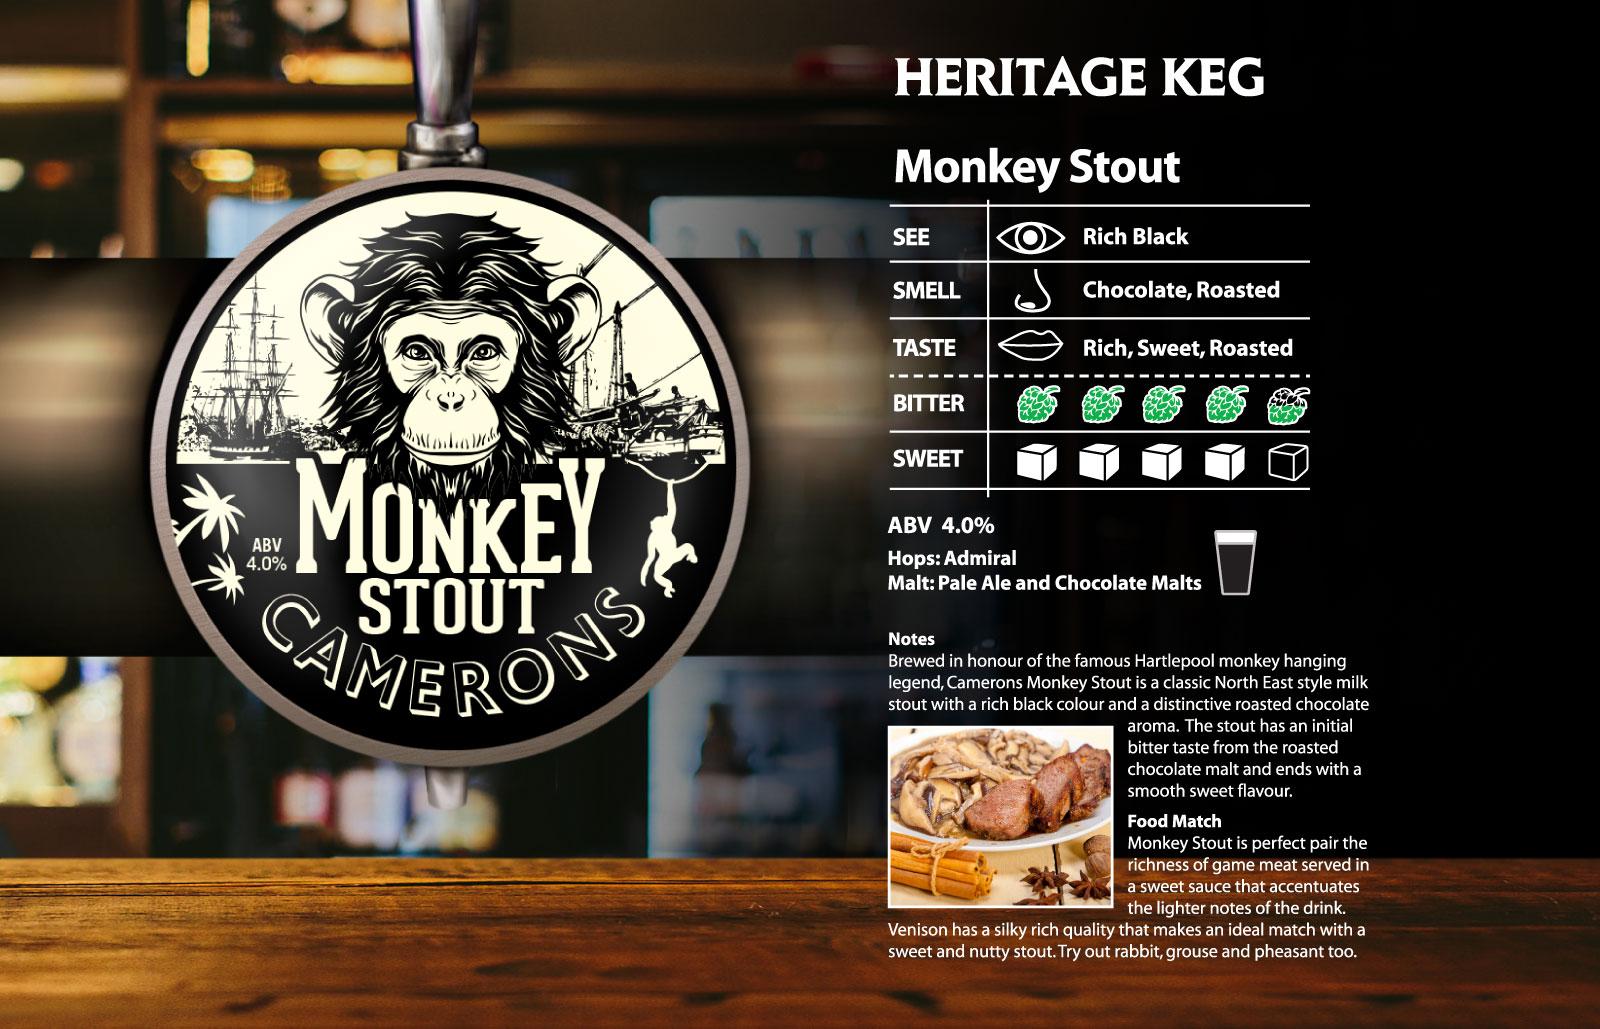 monkey Stout Heritage Keg